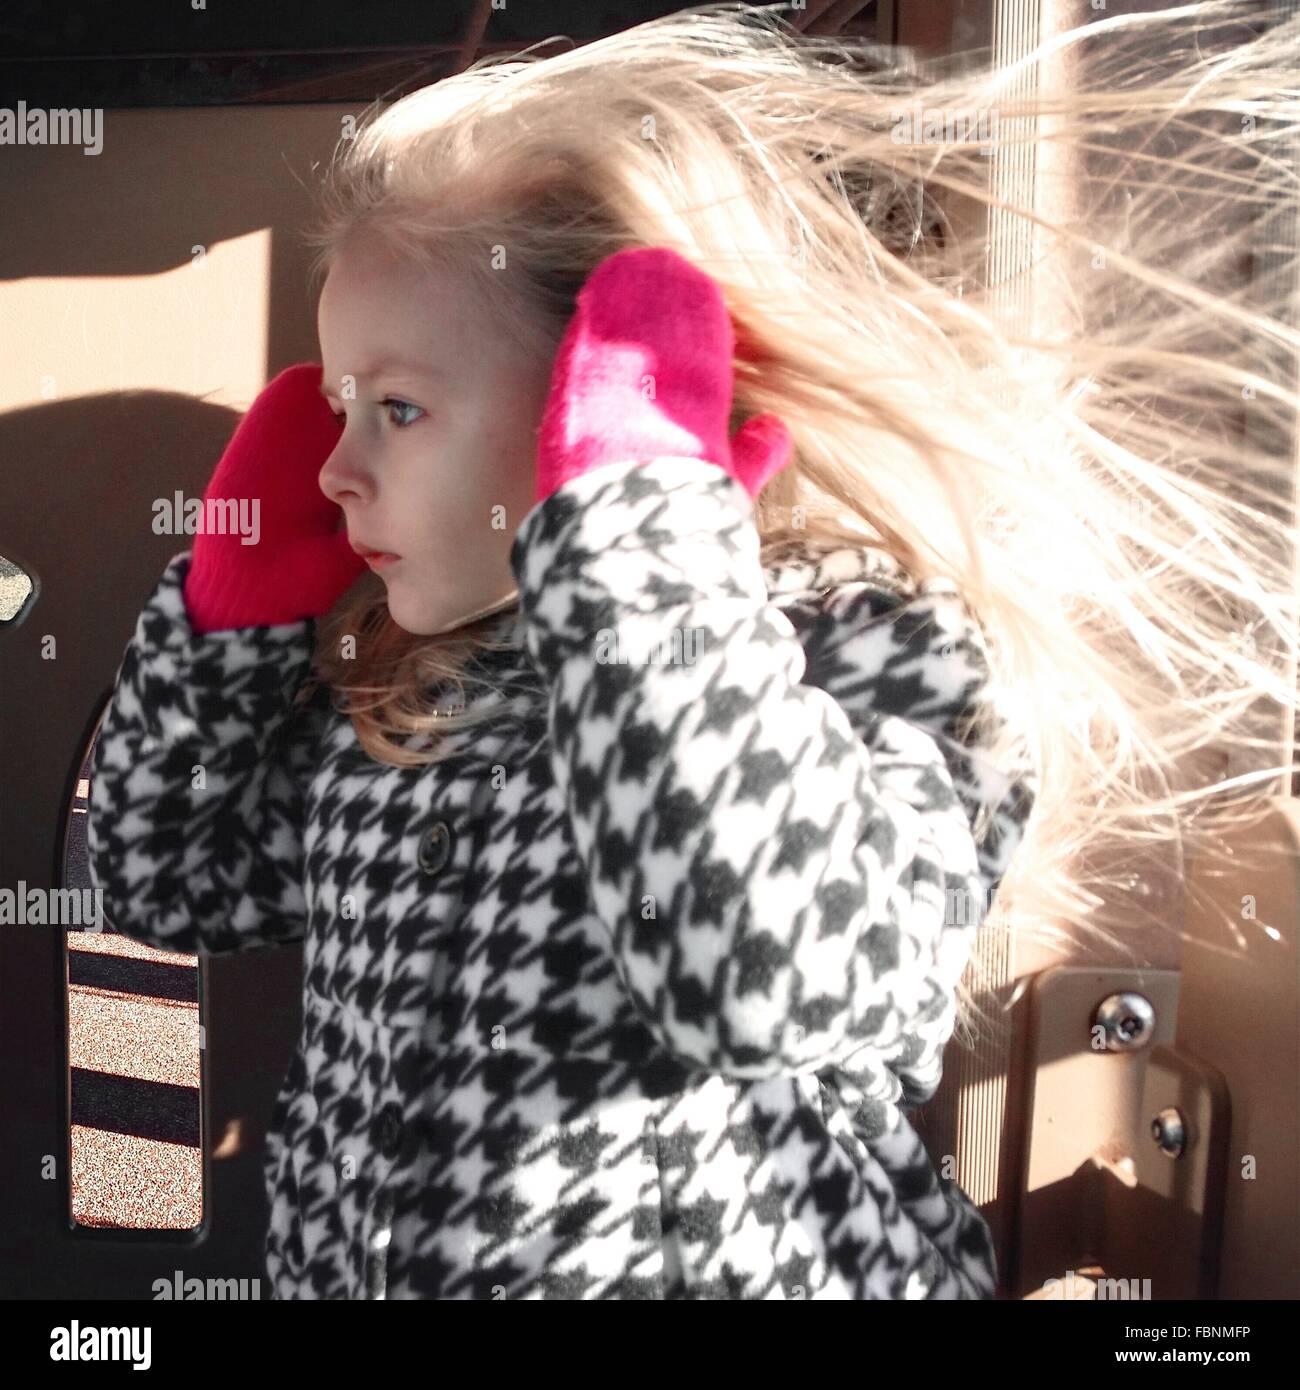 Mädchen In warme Kleidung zu Hause Stockbild